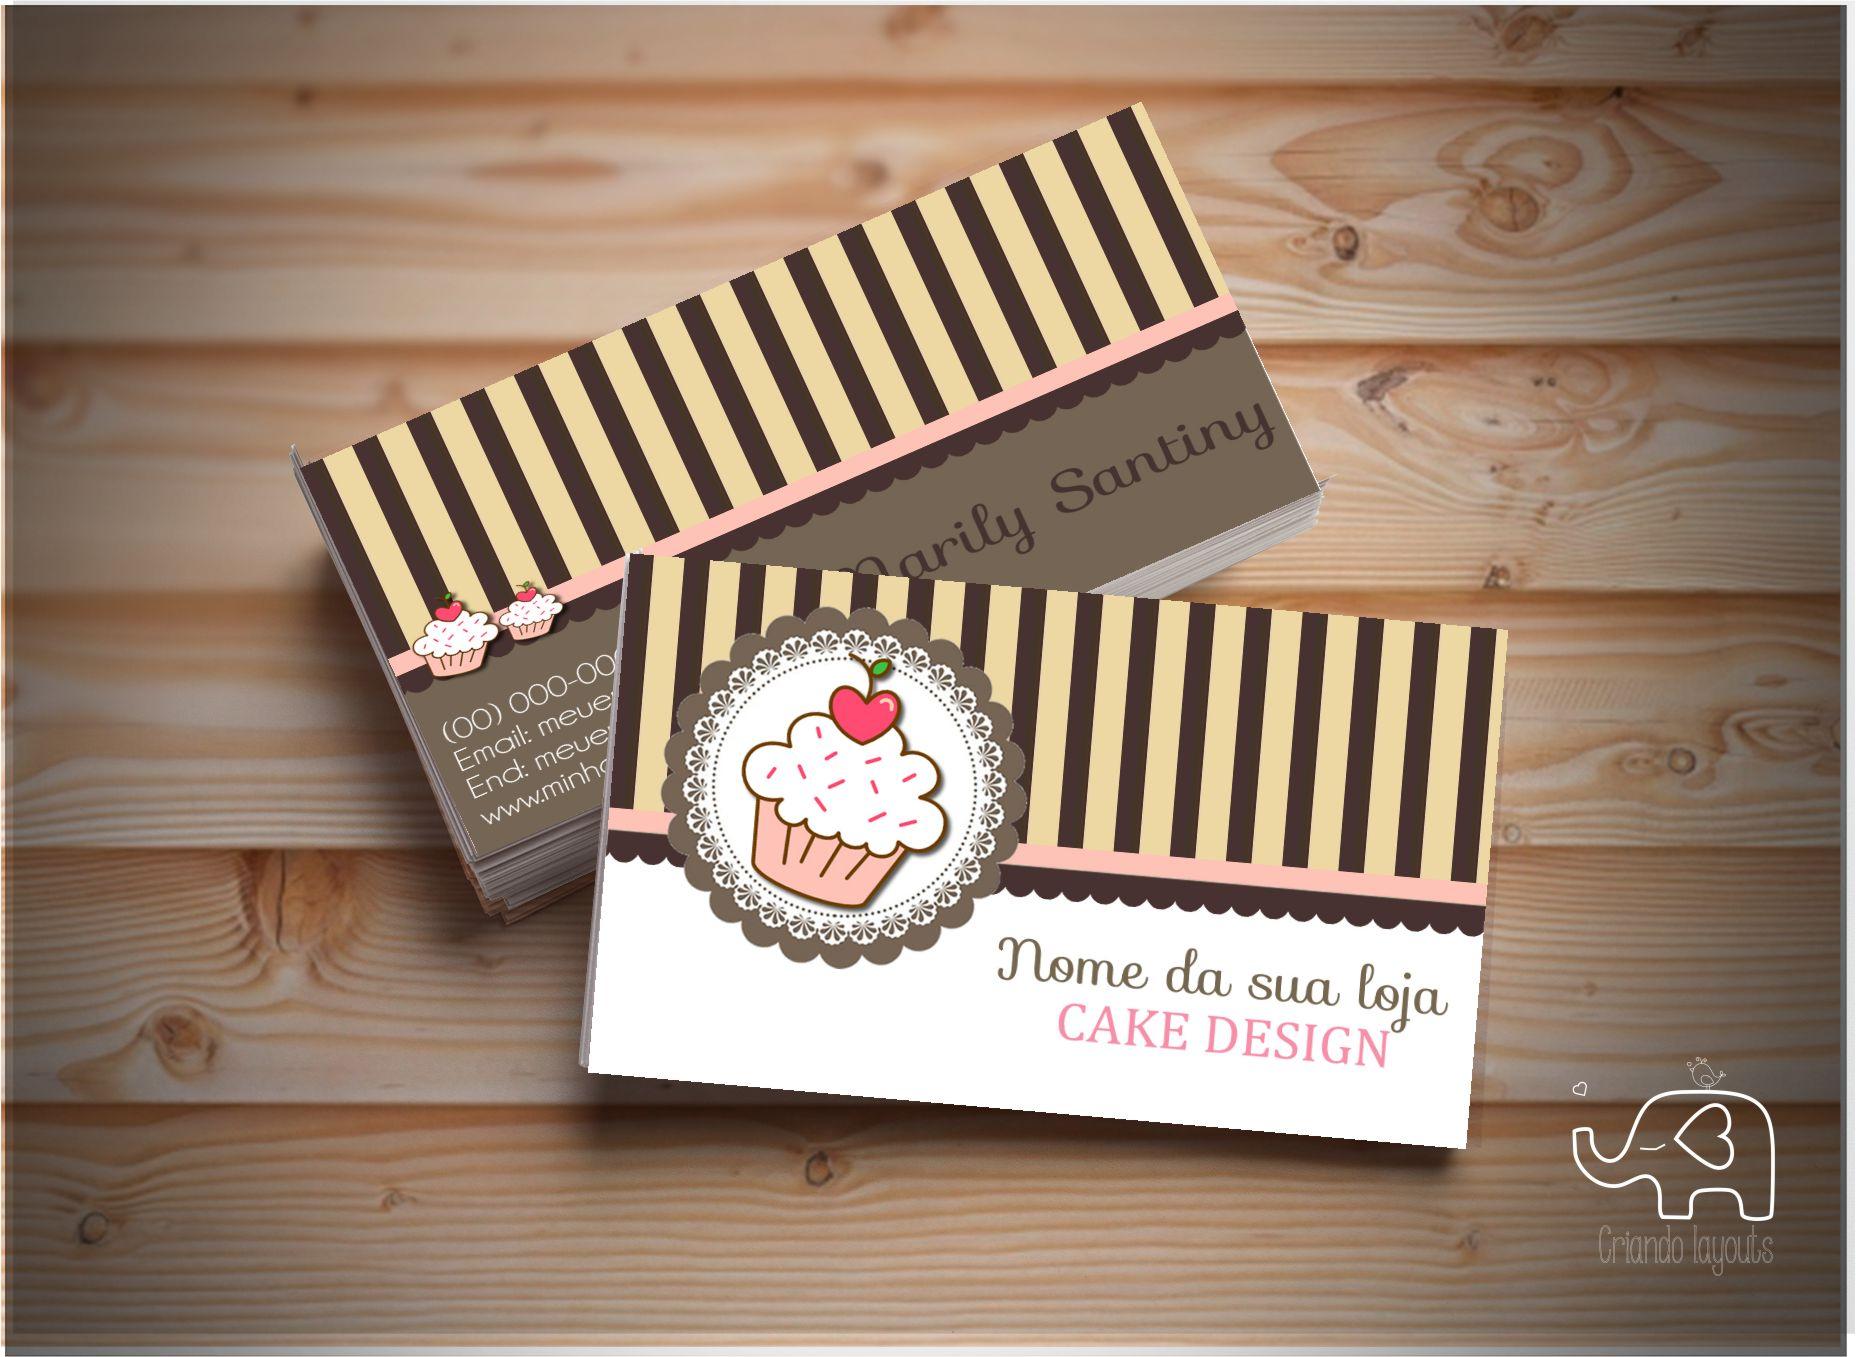 Preferência Cartão De Visita #002 Cake c/ 500 und no Elo7 | Criando Layouts  CK21